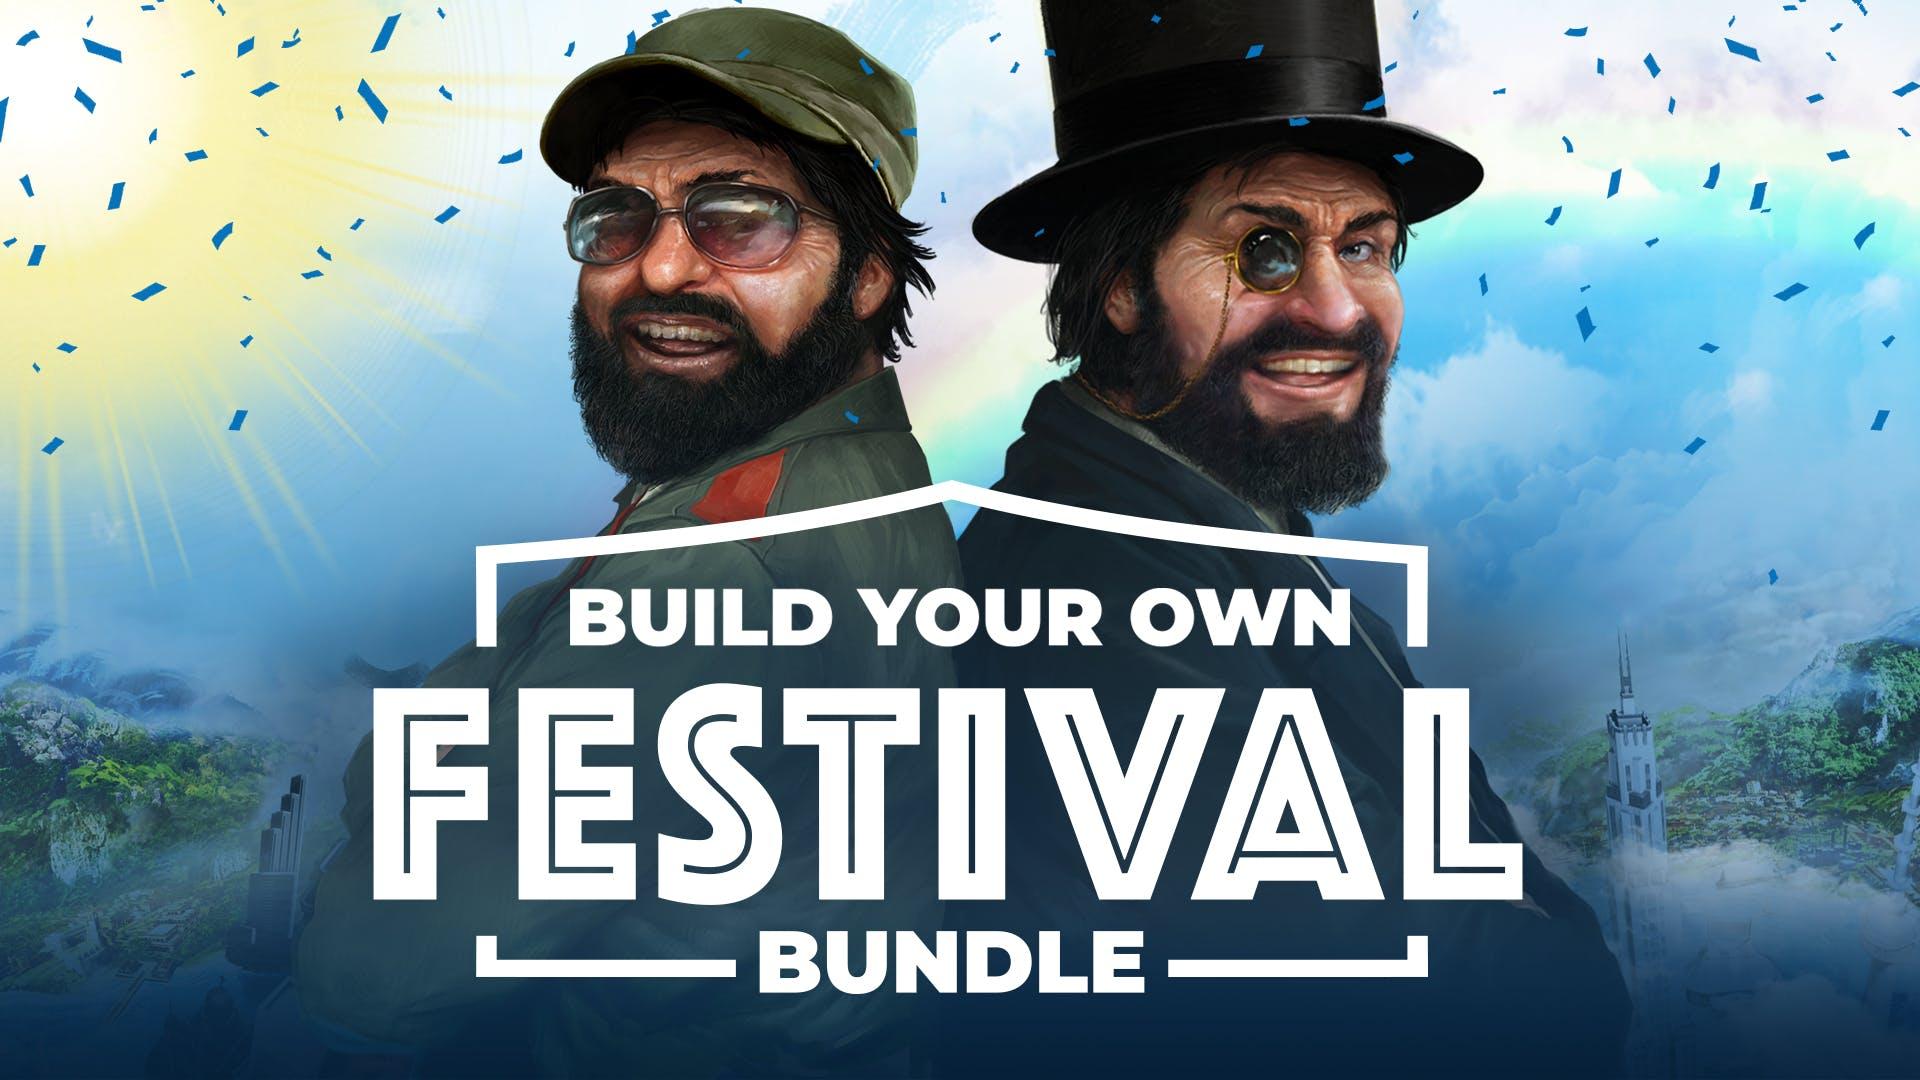 Build your own Festival Bundle